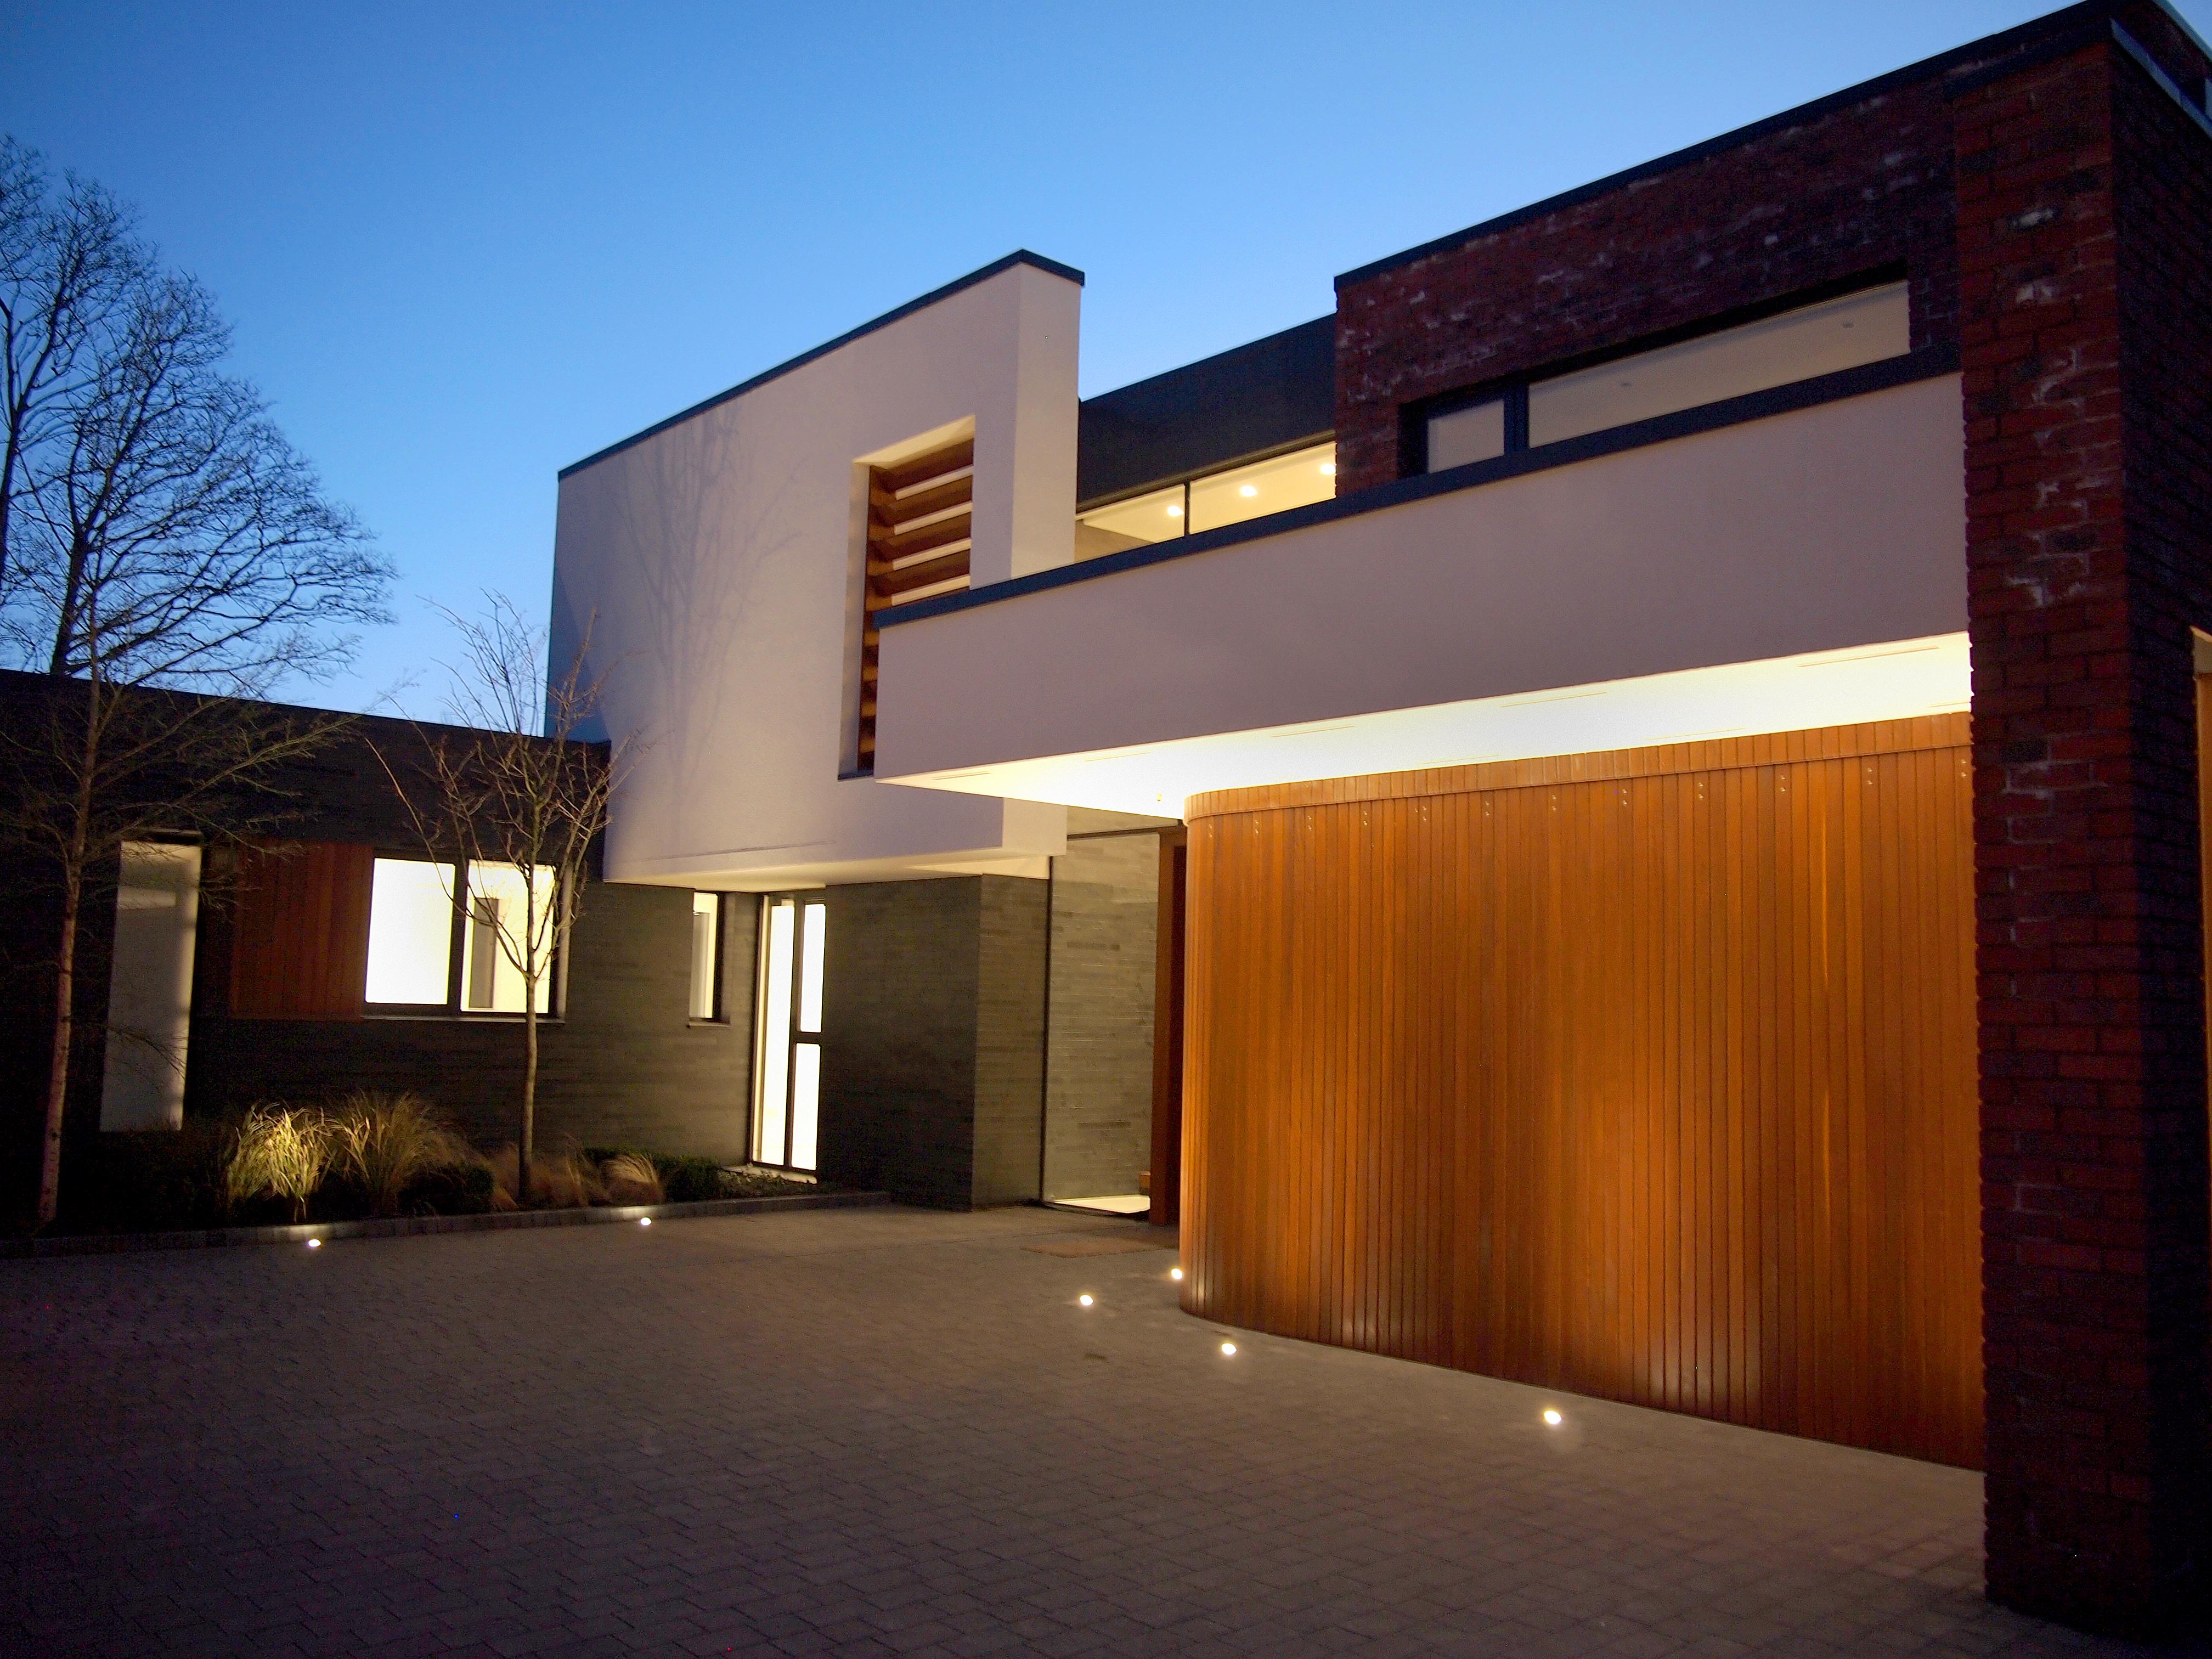 rundum meir high tech classic handmade garage doors. Black Bedroom Furniture Sets. Home Design Ideas